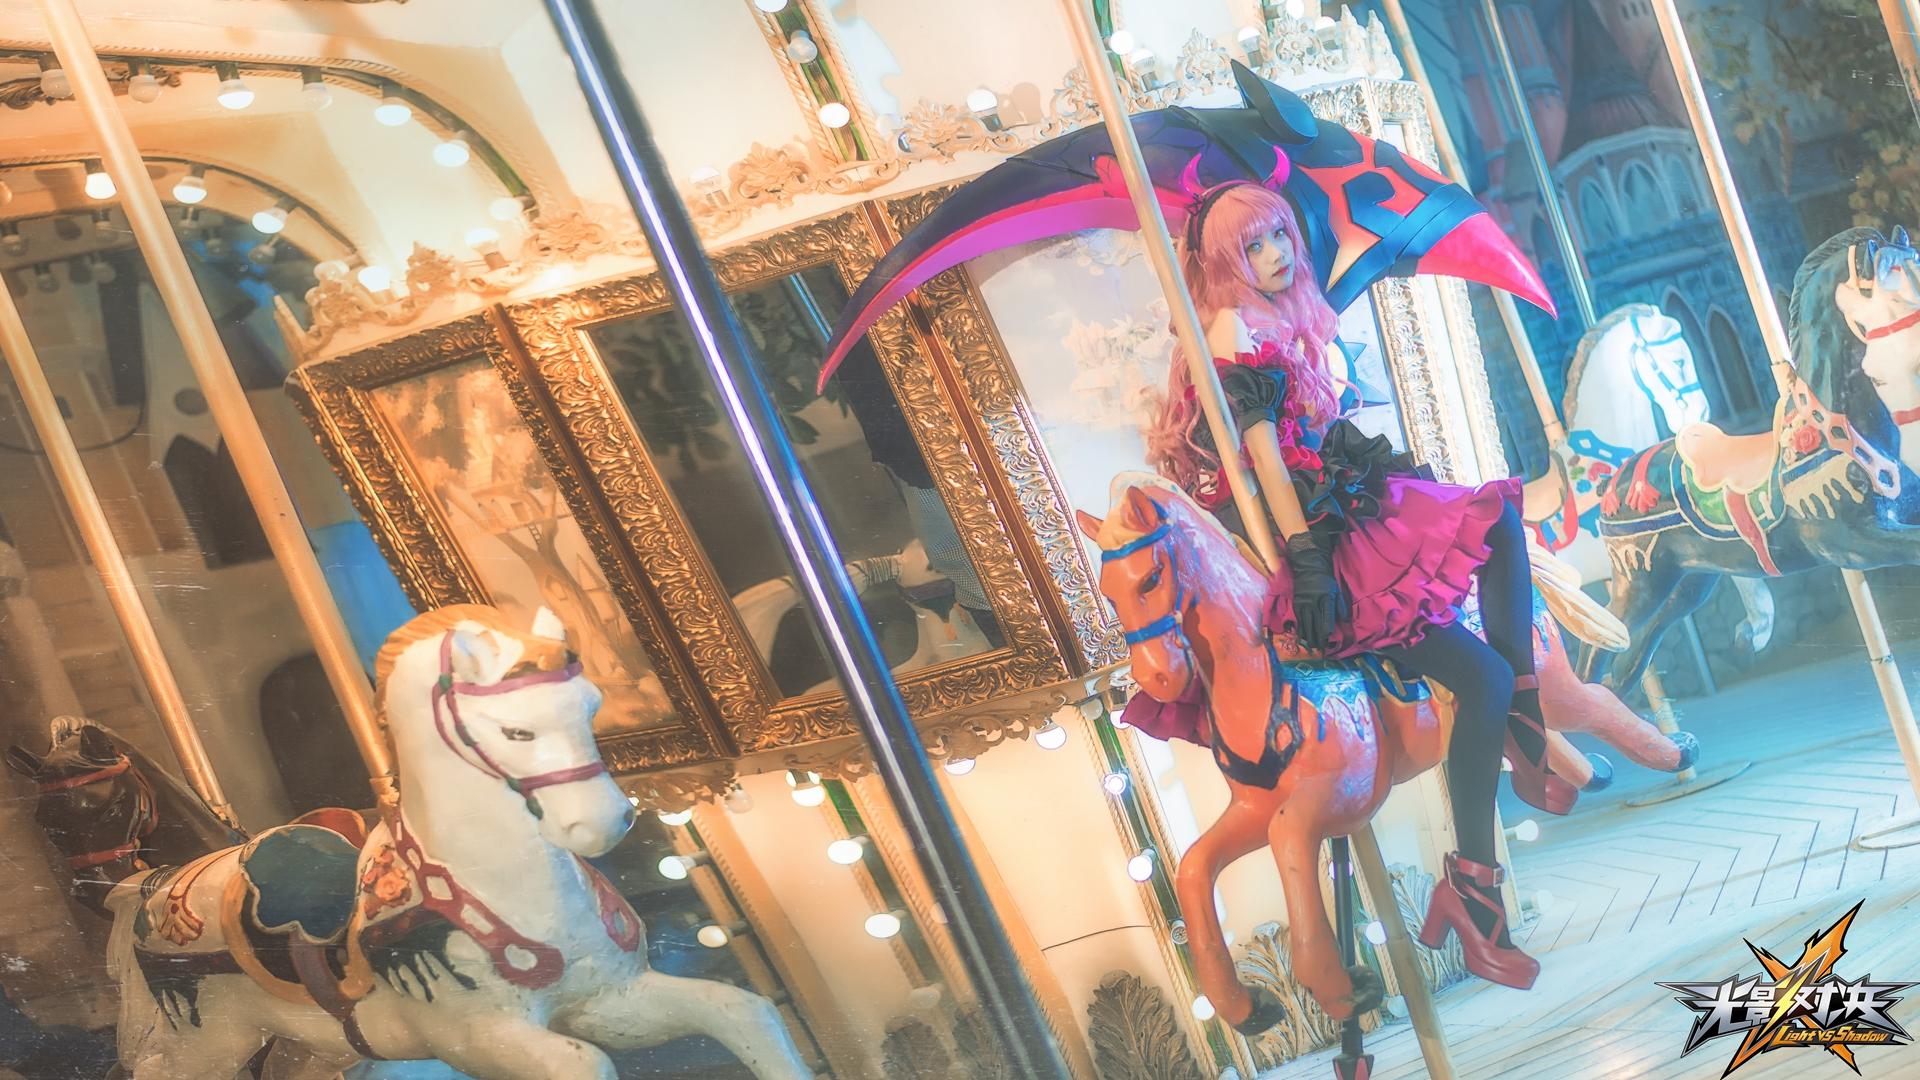 《光影对决》精美COS赏析 截图  cosplay写真